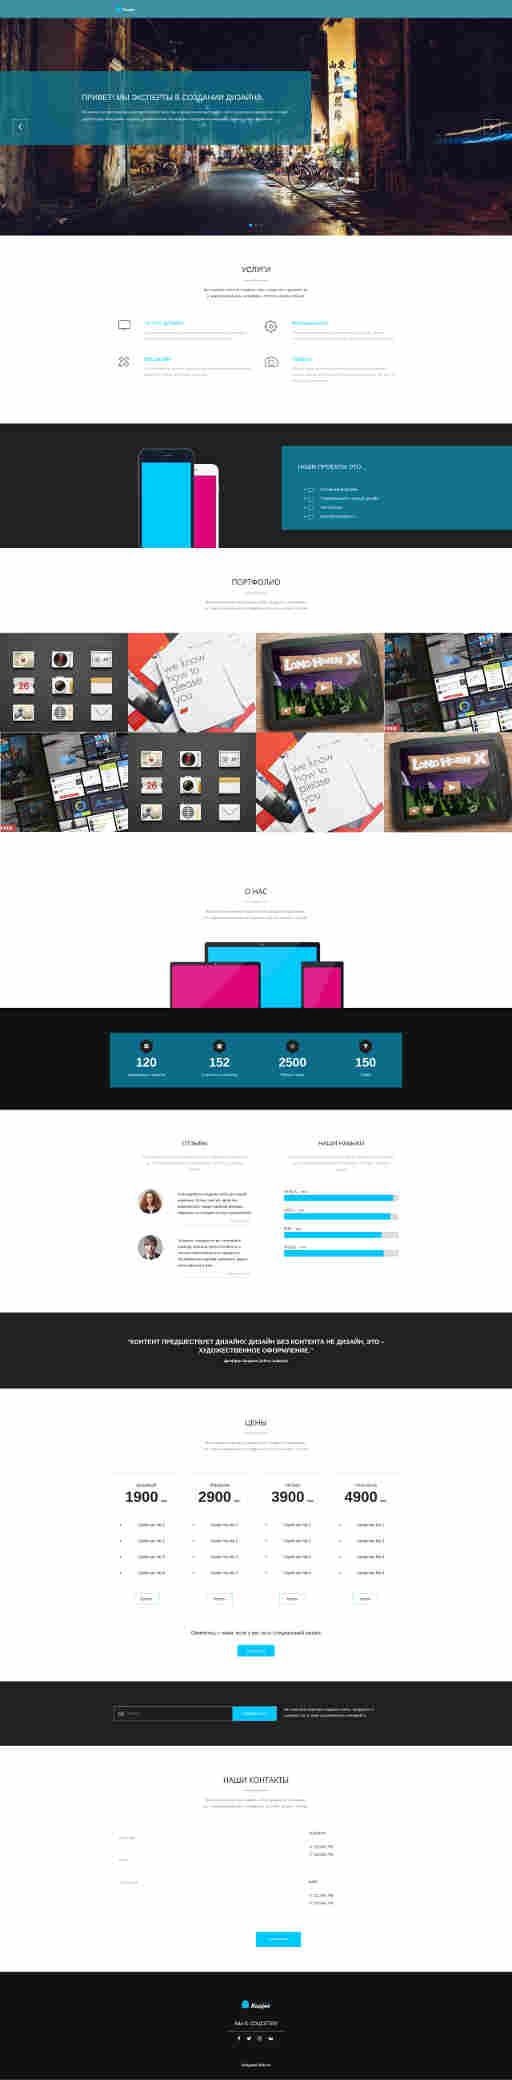 Создать сайт электронных книг